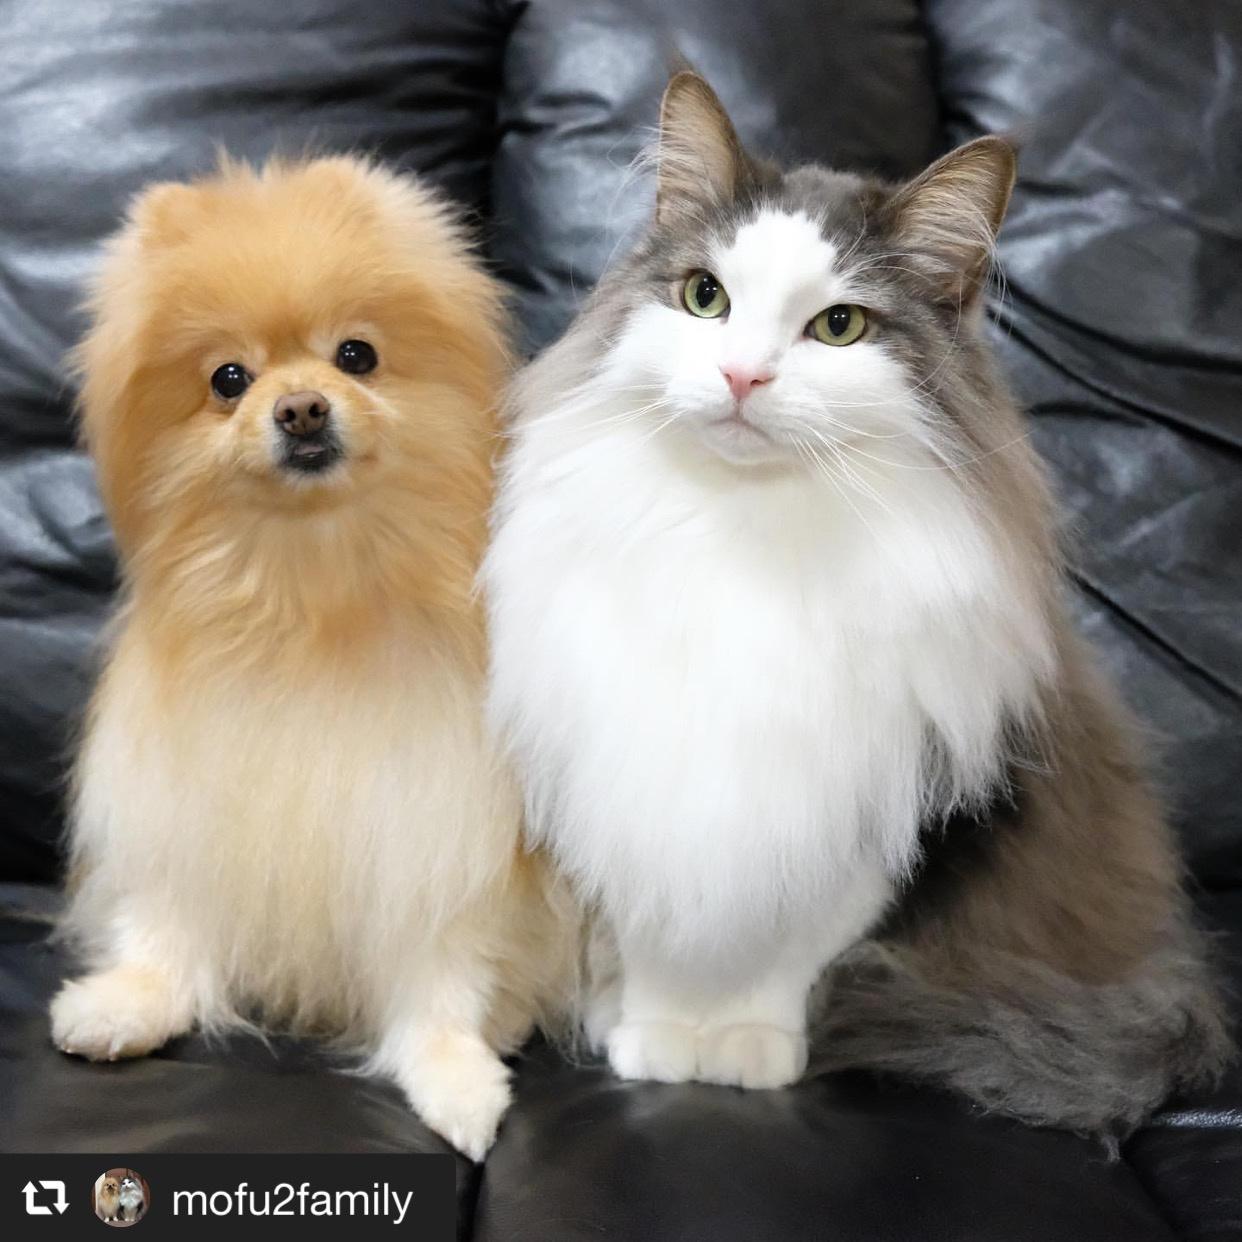 犬の姉と猫の弟、仲良しの秘訣は? 画像1